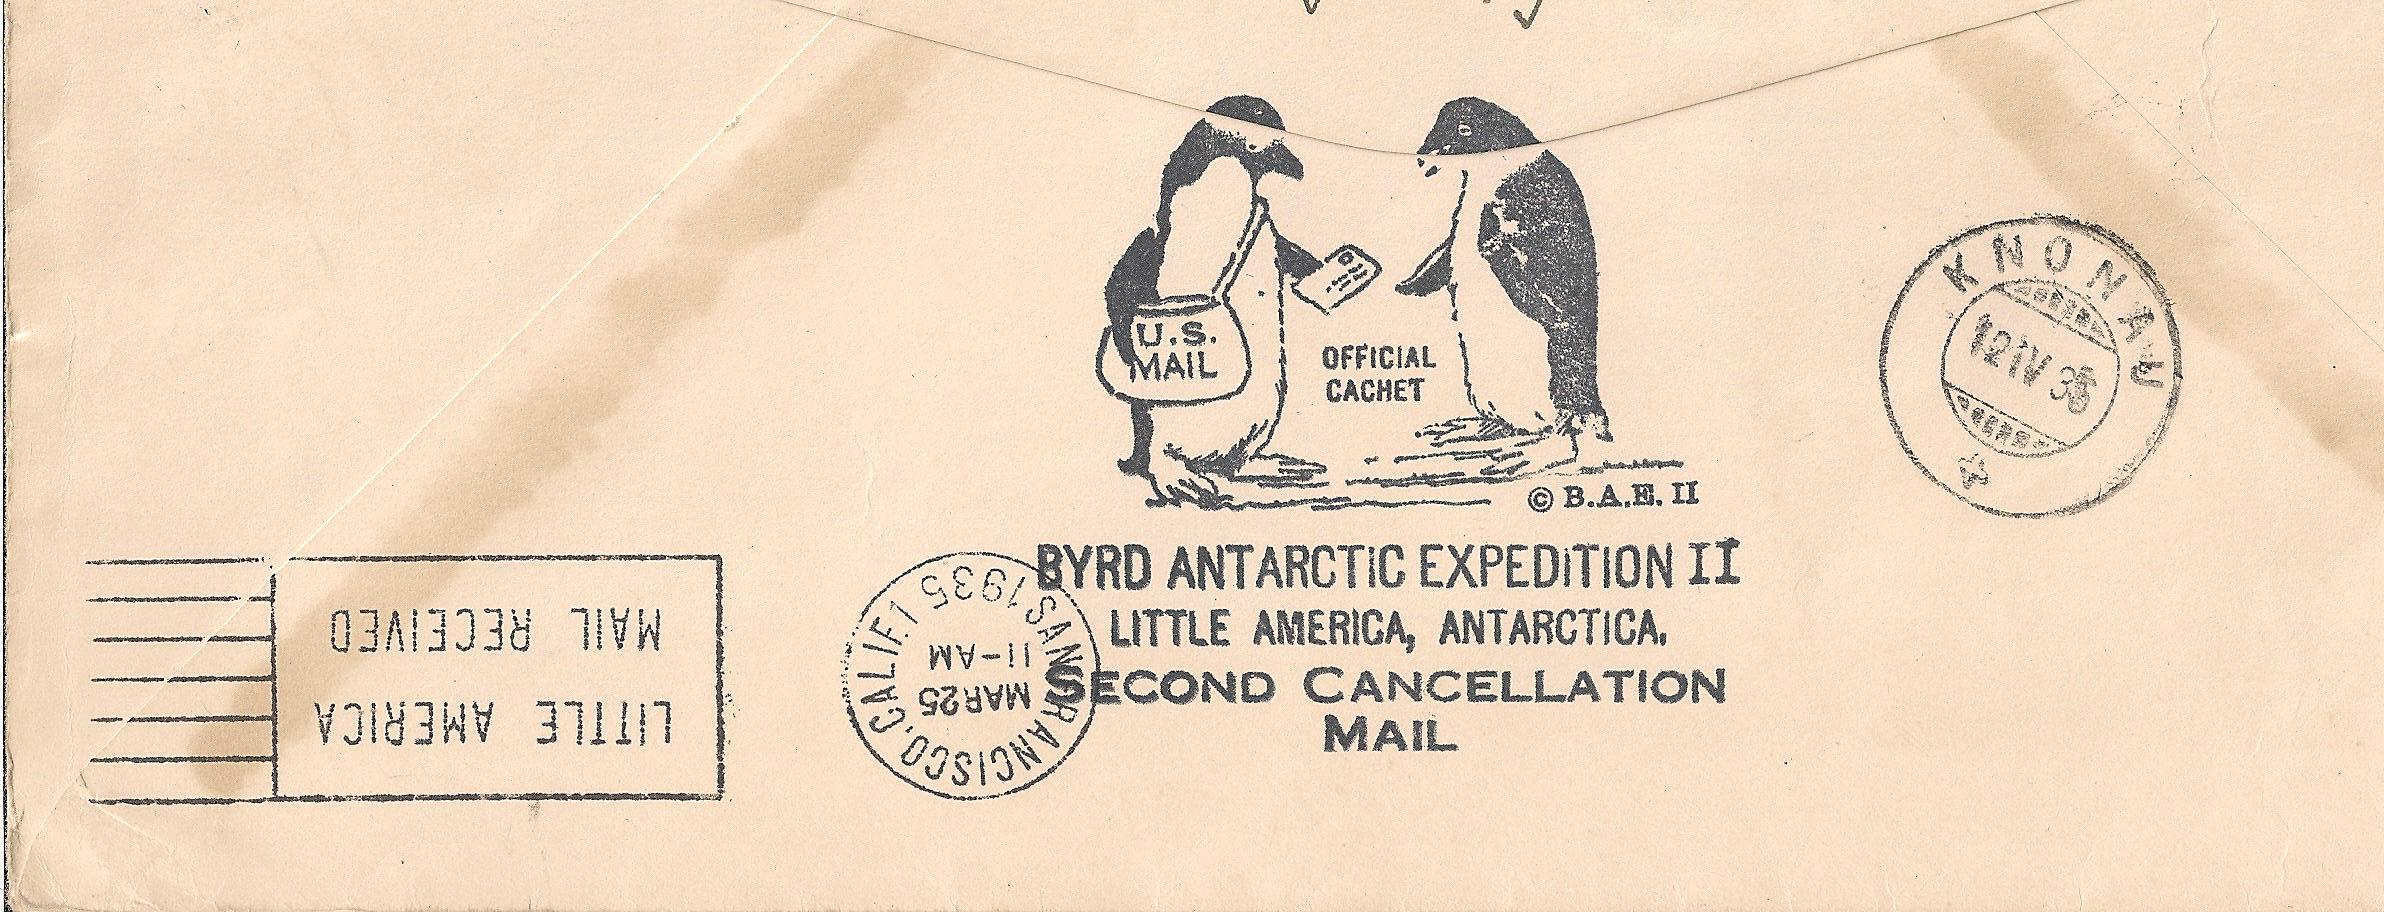 Une lettre de l'Antarctique – Amiral Byrd ANTARCTIC EXPEDITION II | SPR  Société Philatélique de Renens